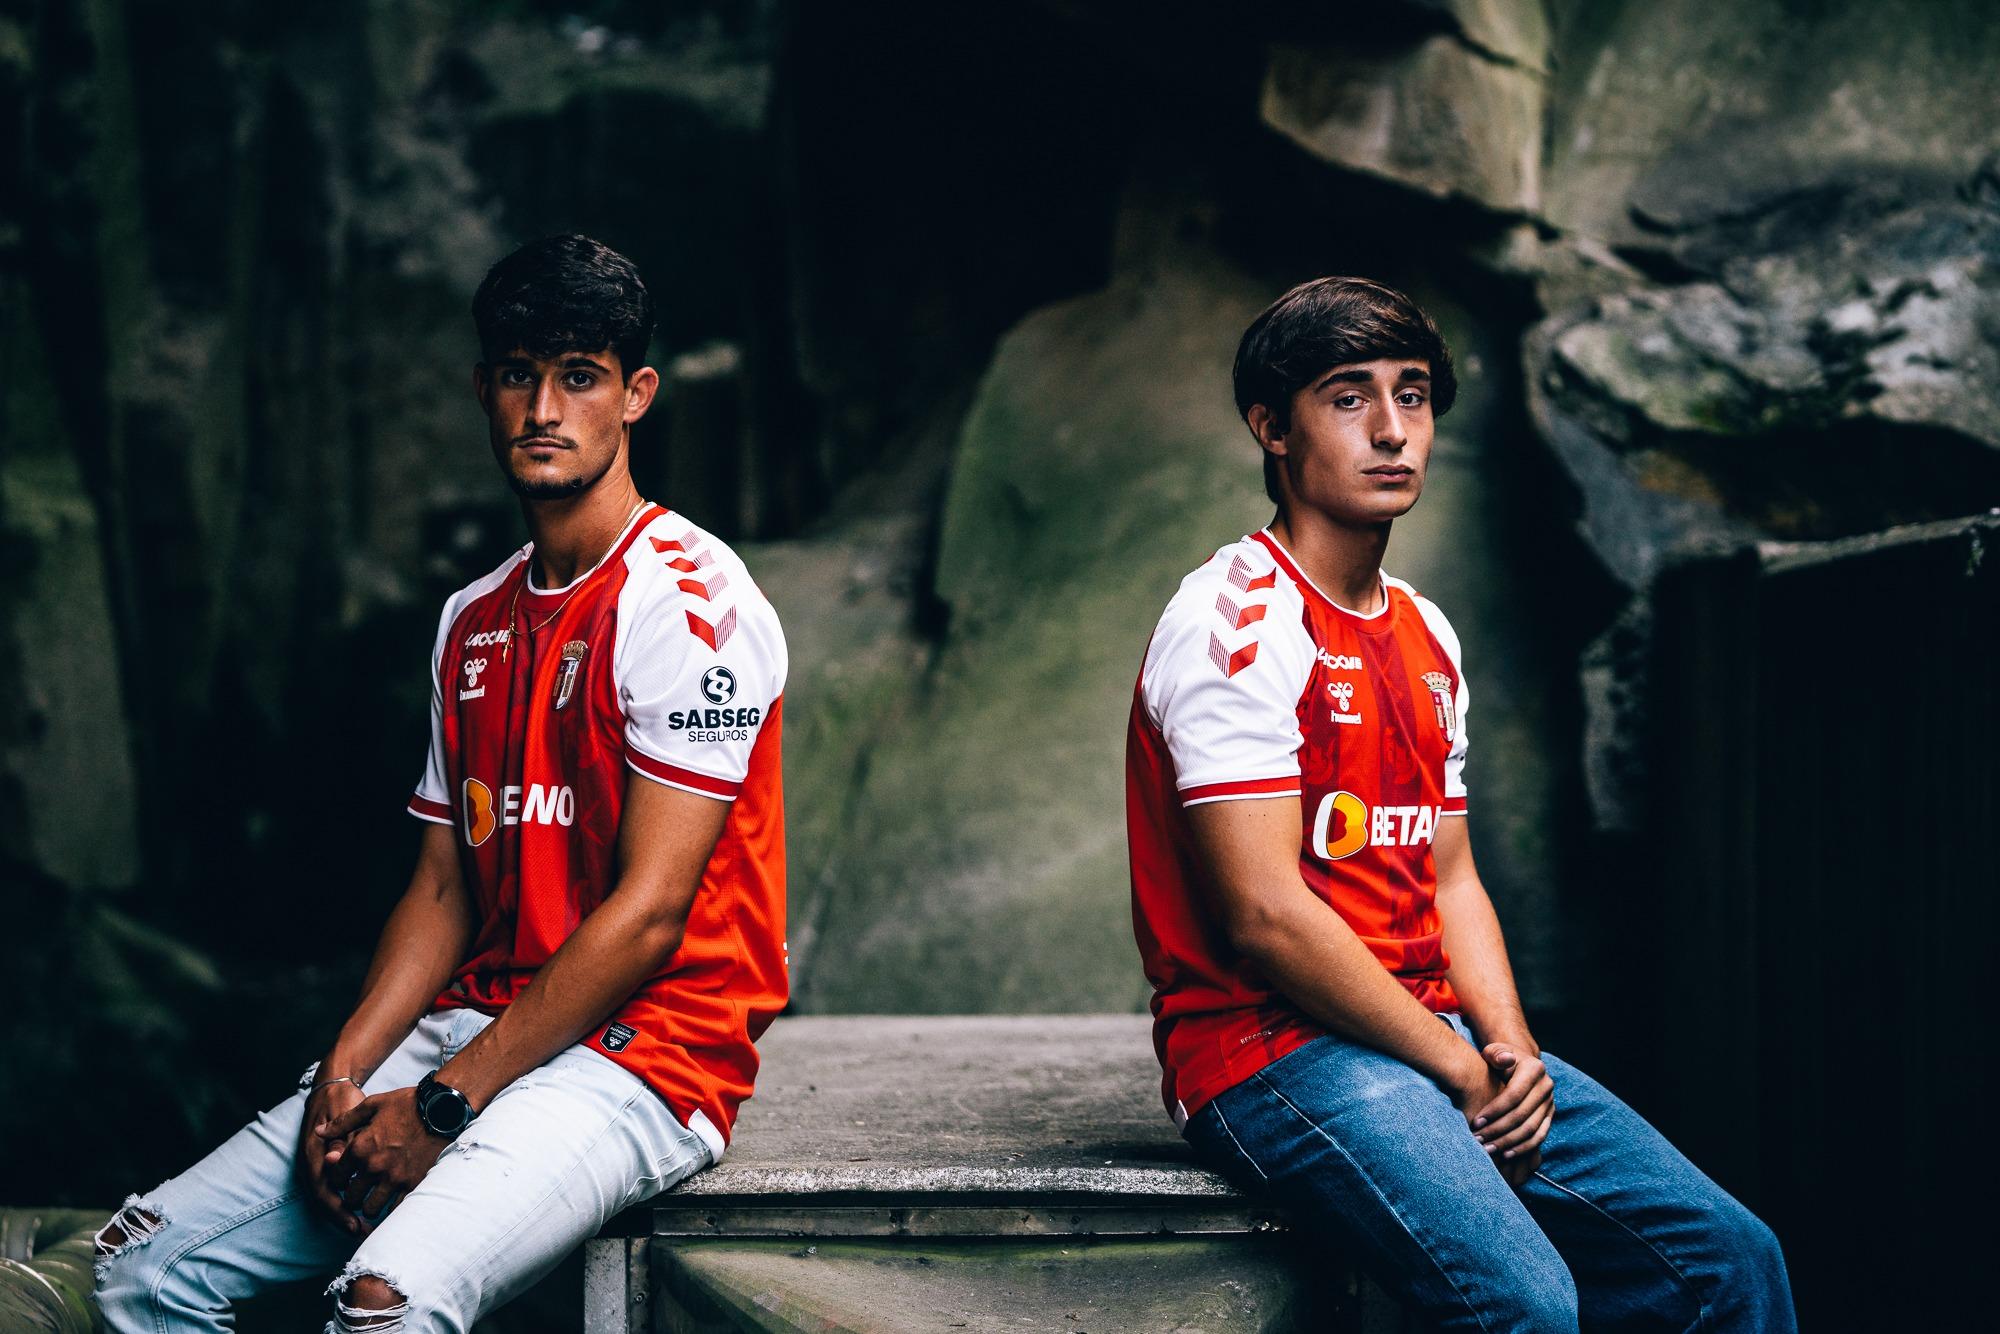 Telmo e Lucas renovam pelo SC Braga